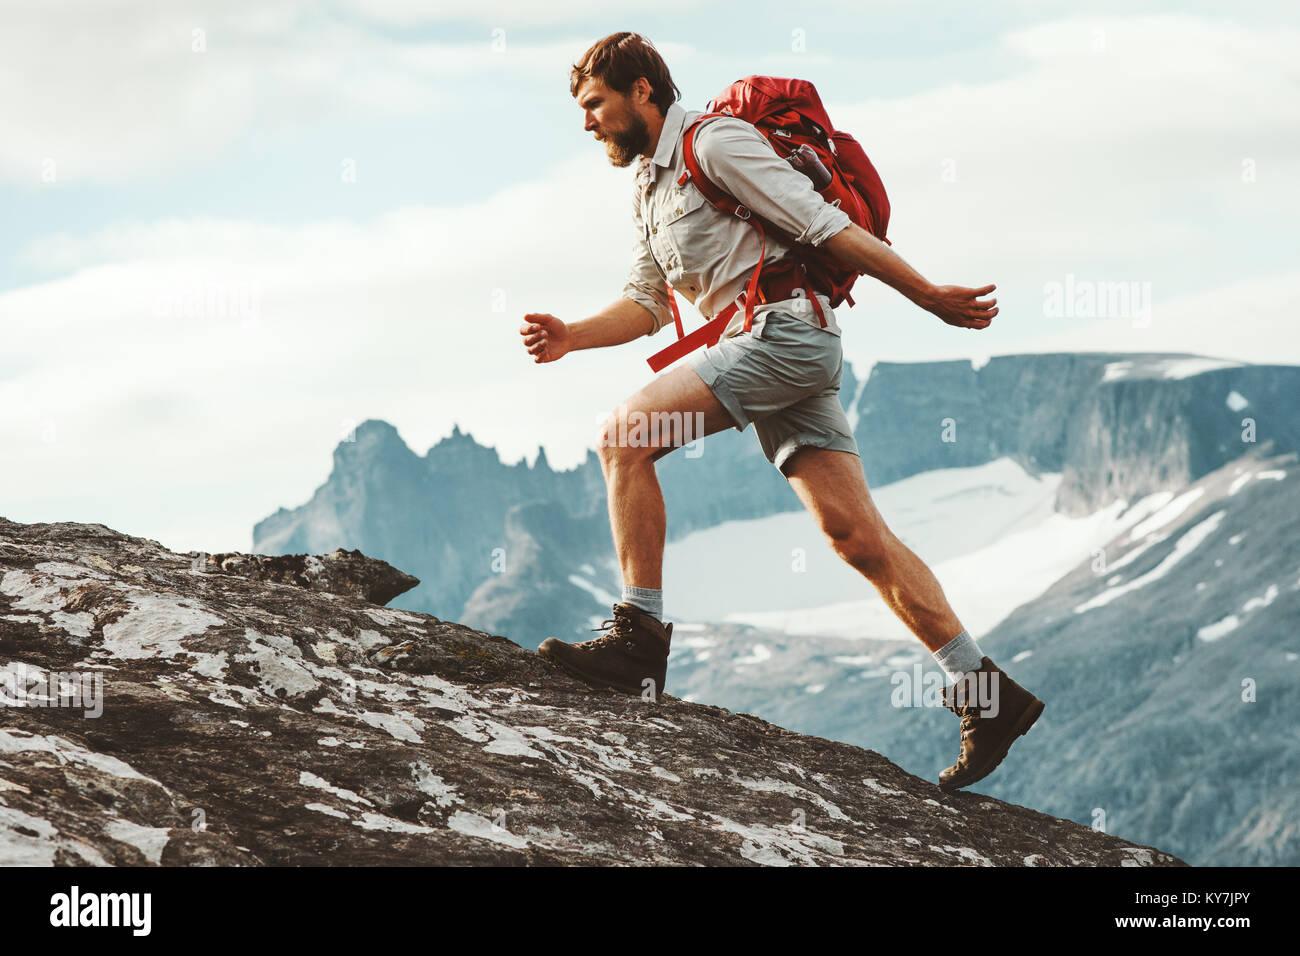 L'homme en montagne avec l'aventurier skyrunning Norvège sac à dos de randonnée voyage concept Photo Stock